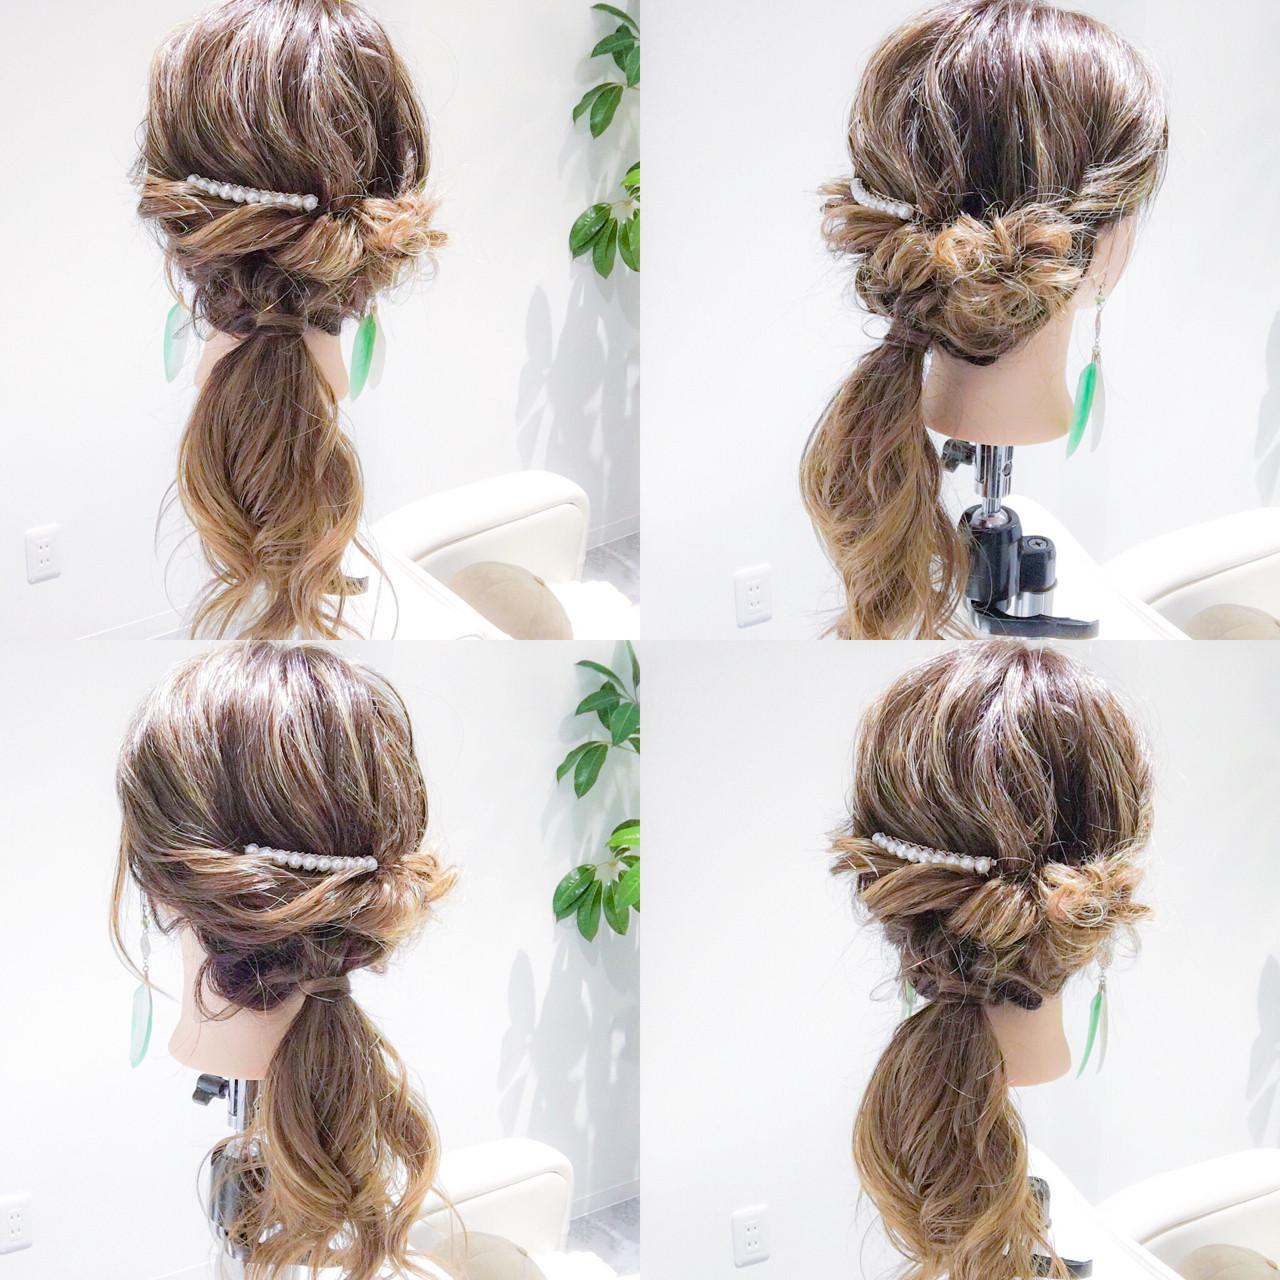 デート 簡単ヘアアレンジ ロング ナチュラル ヘアスタイルや髪型の写真・画像